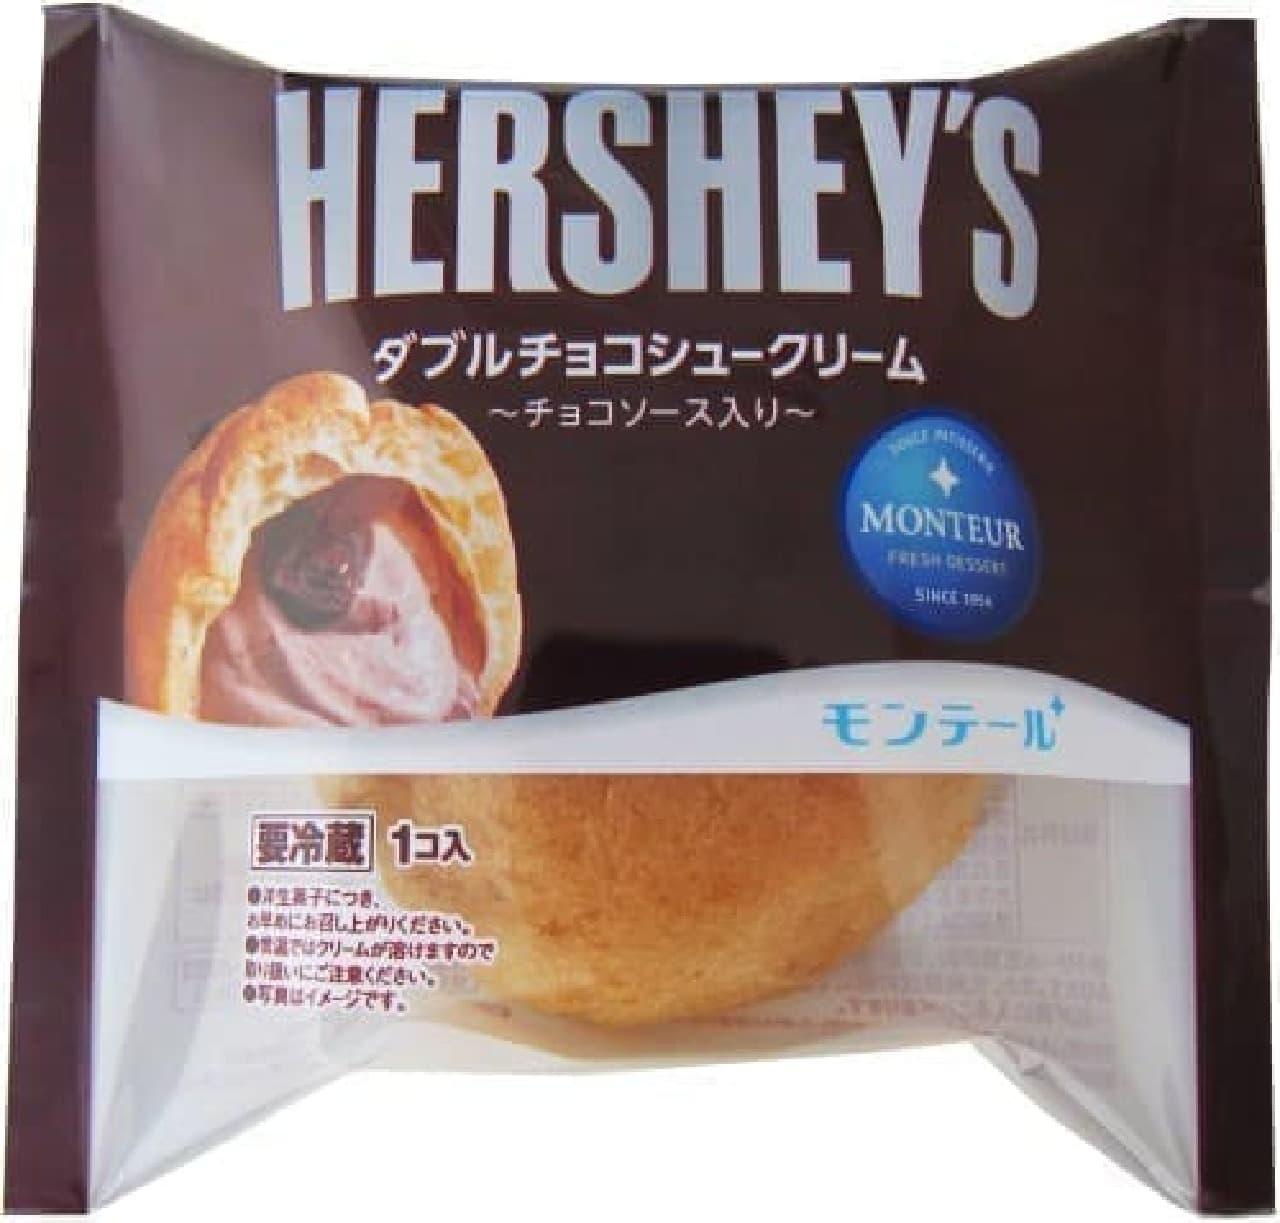 モンテールとチョコレートブランド『HERSHEY'S(ハーシーズ)』がコラボレーション